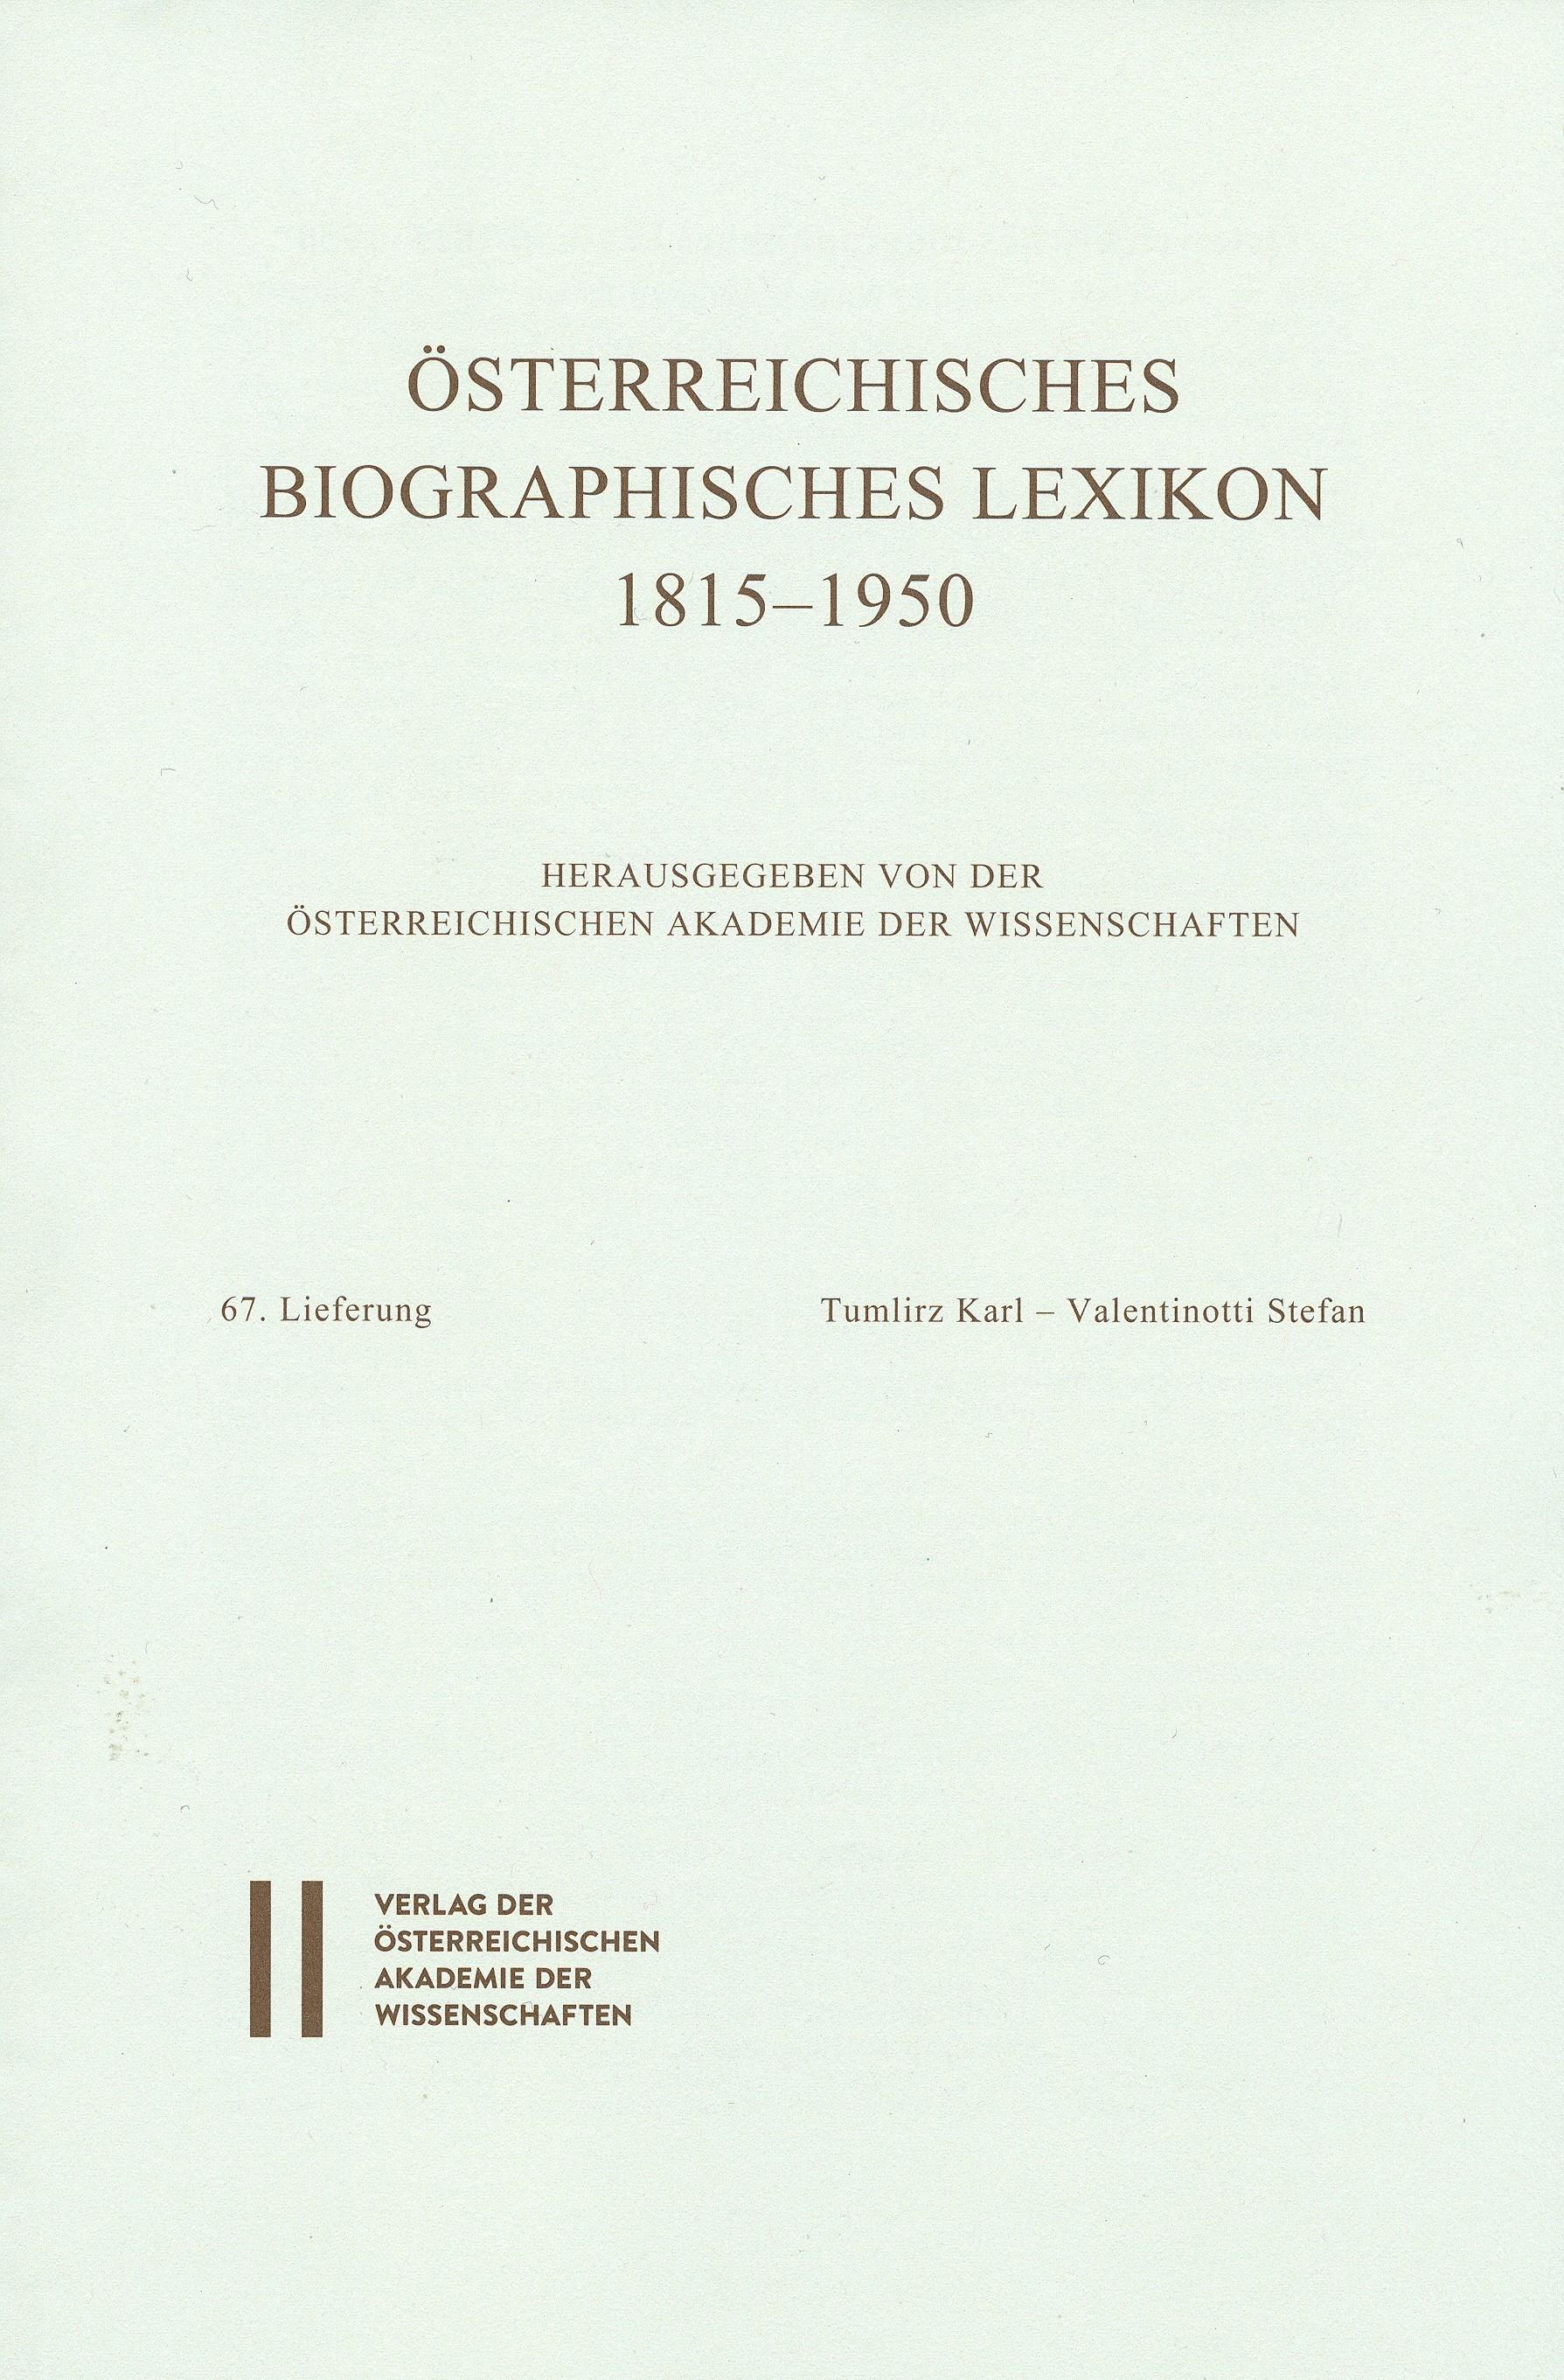 Abbildung von Österreichisches Biographisches Lexikon 1815-1950 / Österreichisches Biographisches Lexikon 1815-1950 Lieferung 67 | 2016